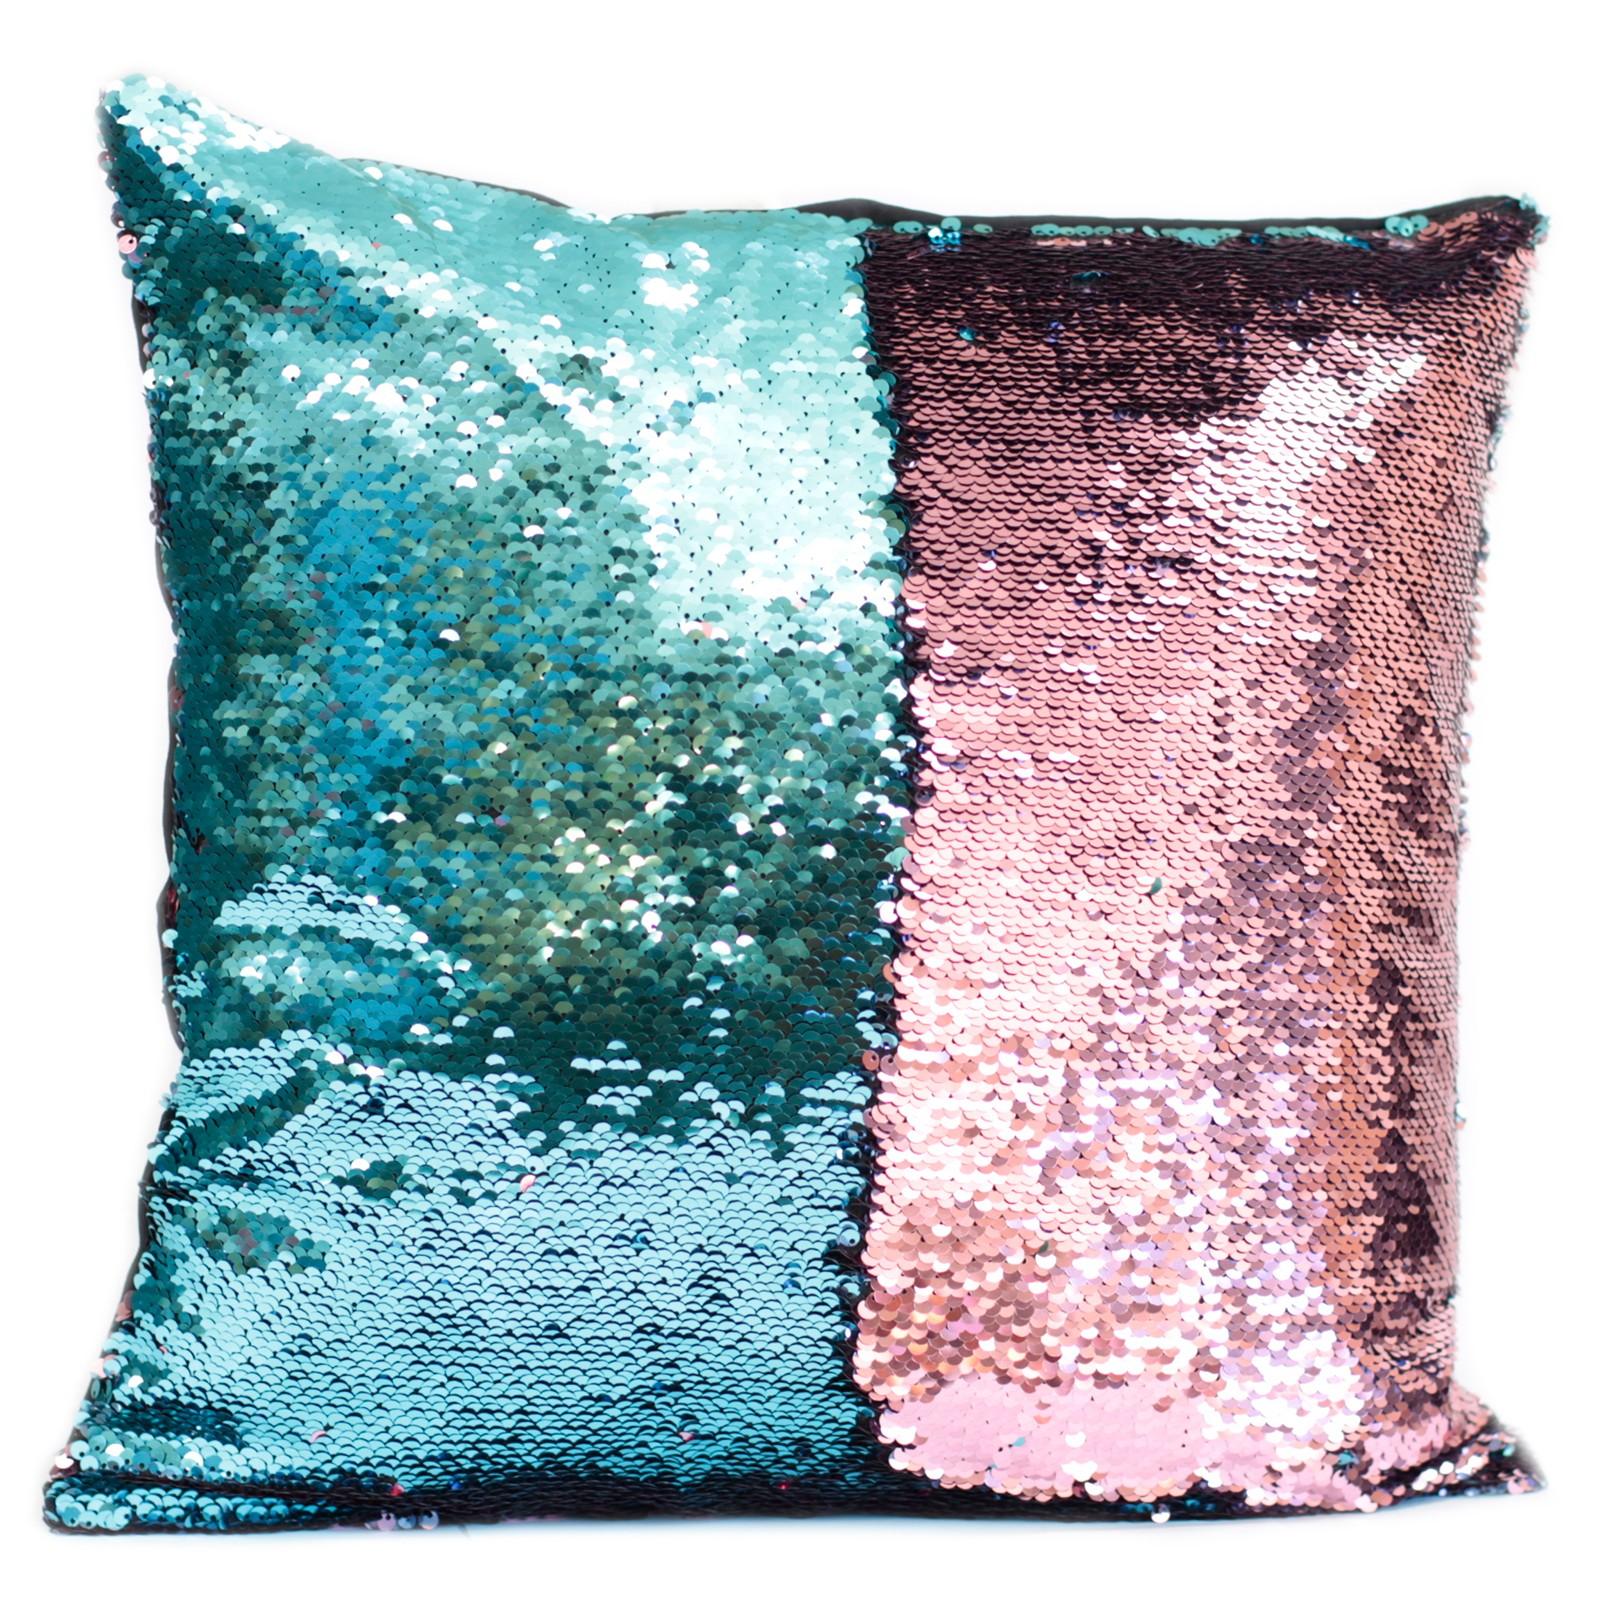 2x Mermaid Cushion Covers - Teal & Lavender